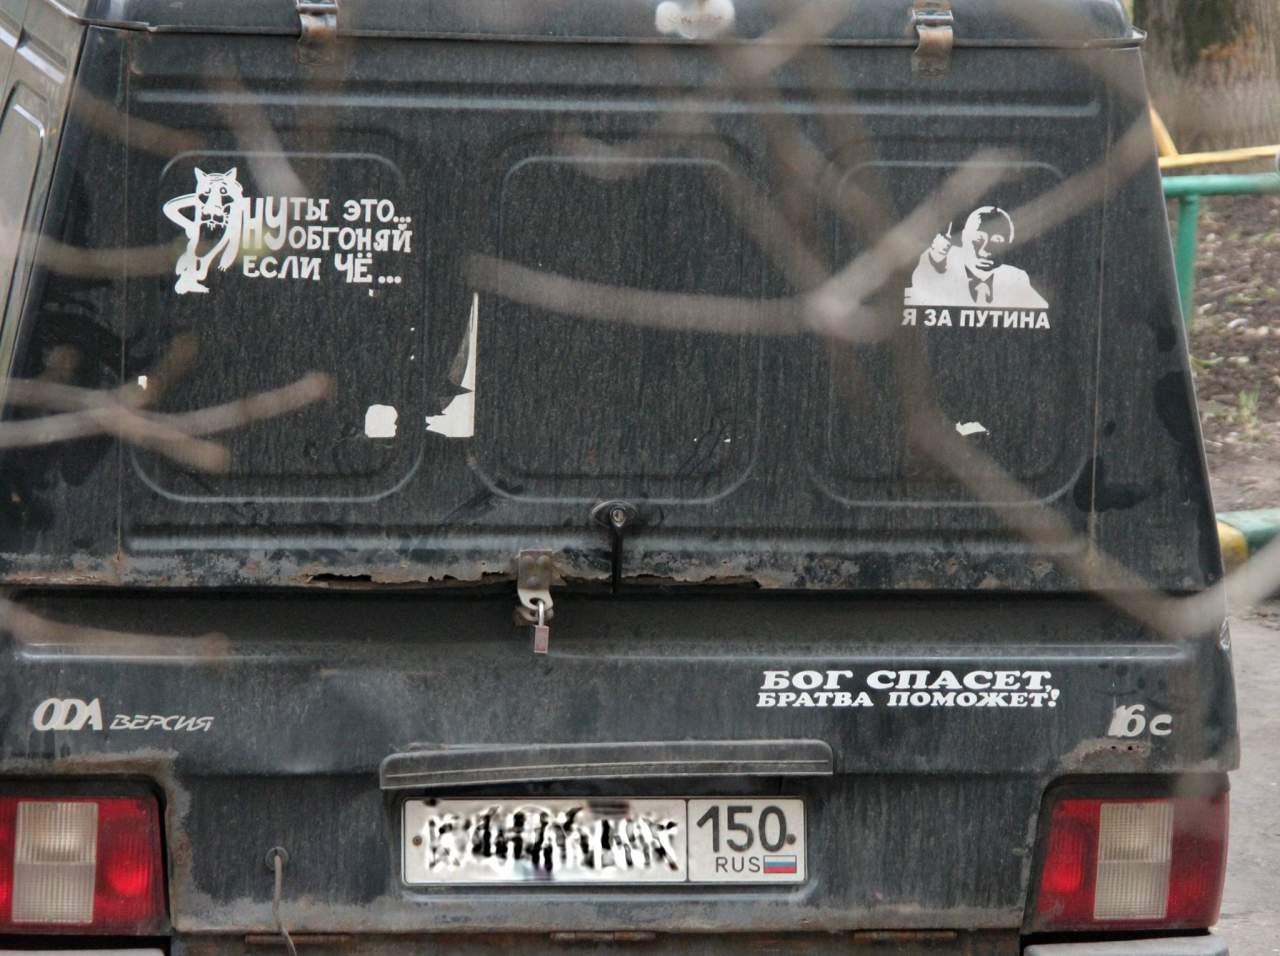 «Бог спасёт – братва поможет»:  пользователей соцсети поразил  «модный» тюнинг московского внедорожника (фото)